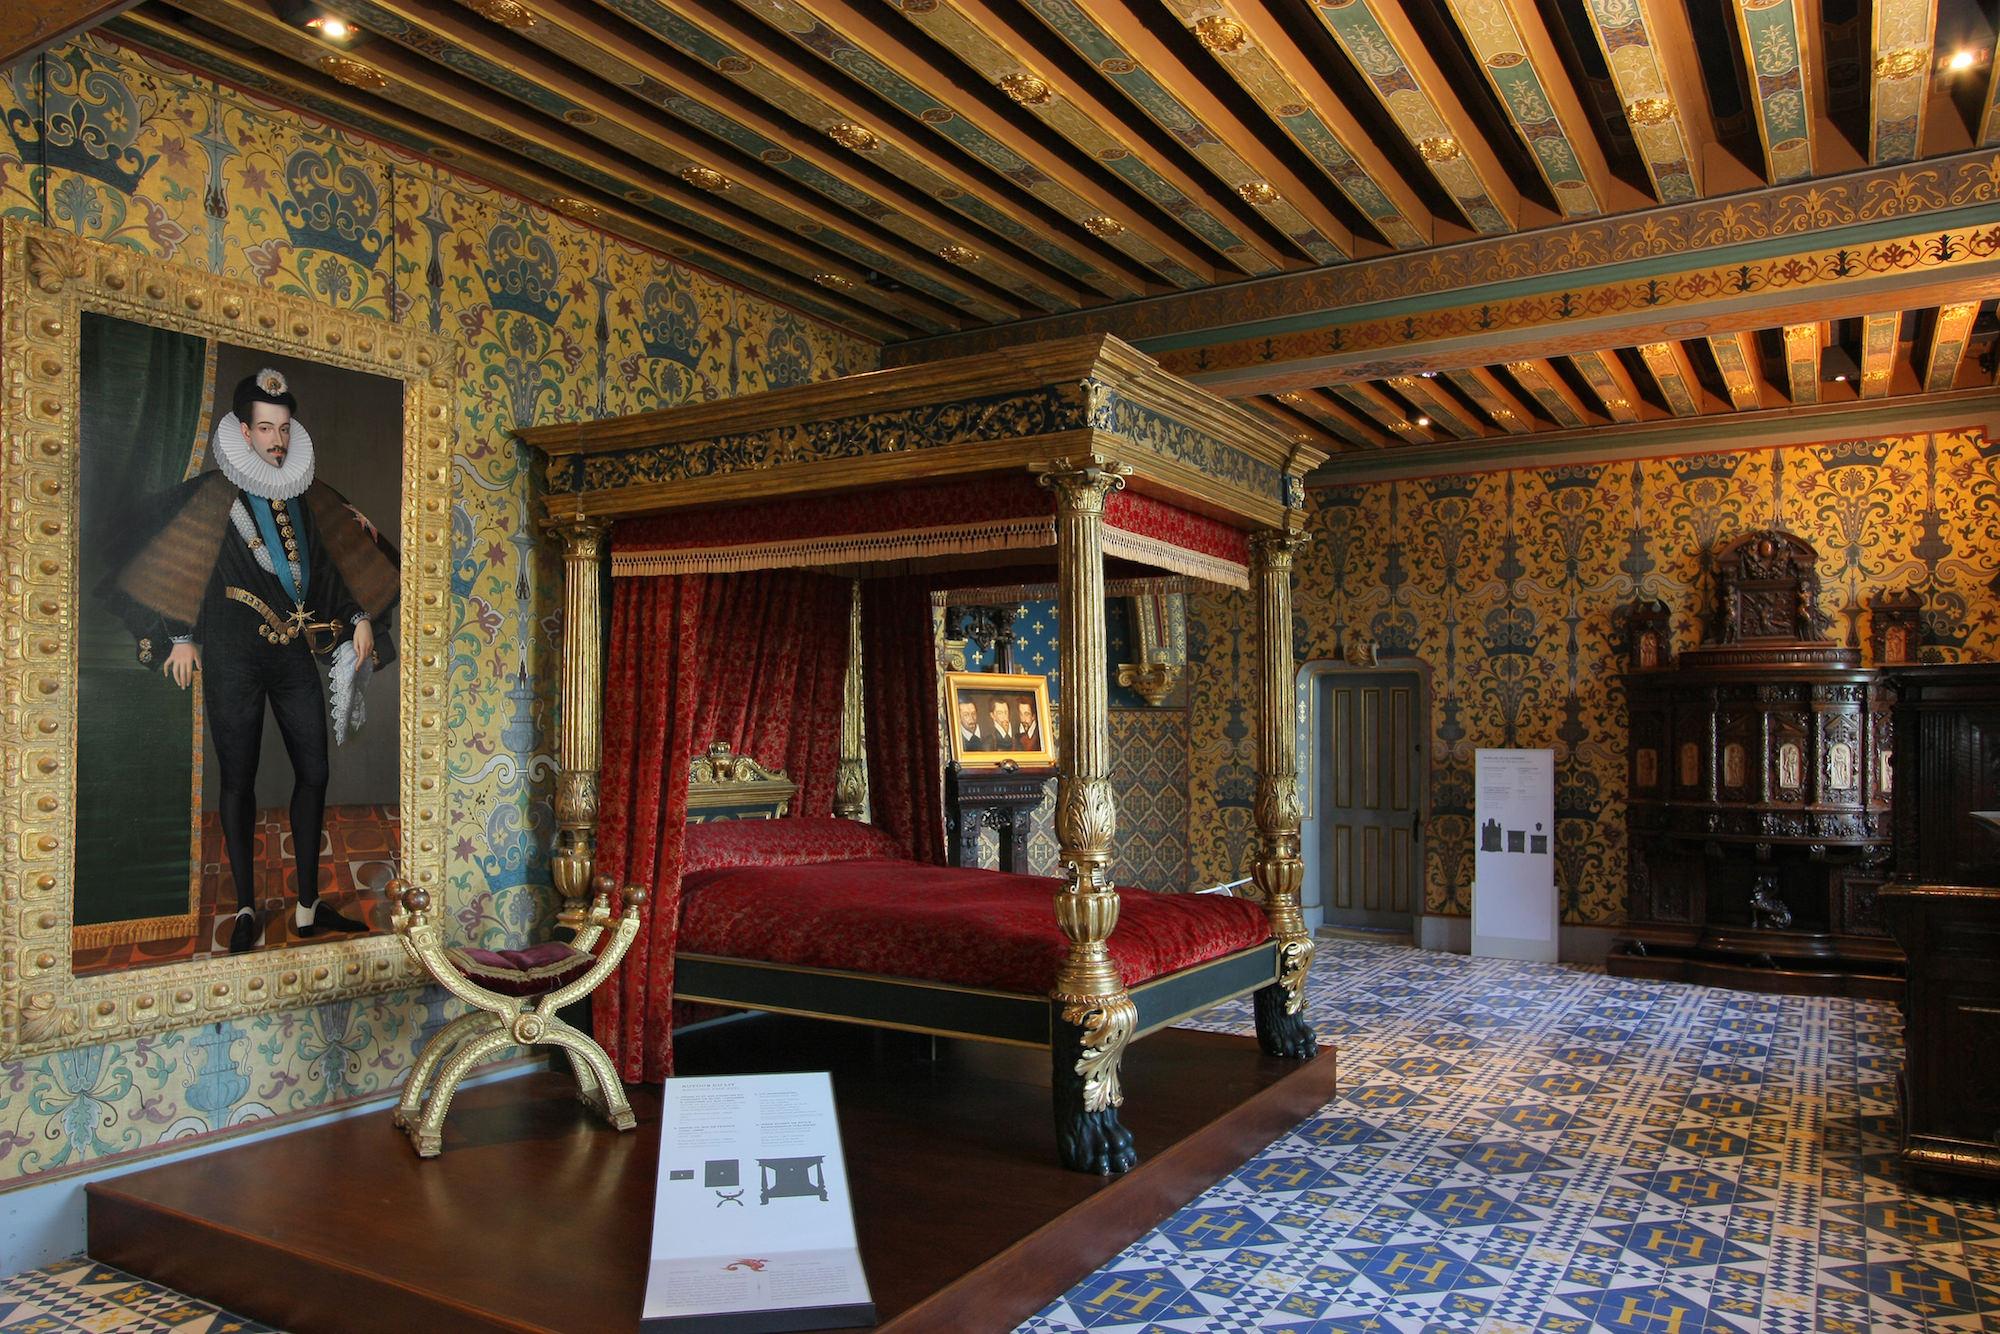 10 bonnes raisons de visiter le ch teau ch teau royal de blois. Black Bedroom Furniture Sets. Home Design Ideas